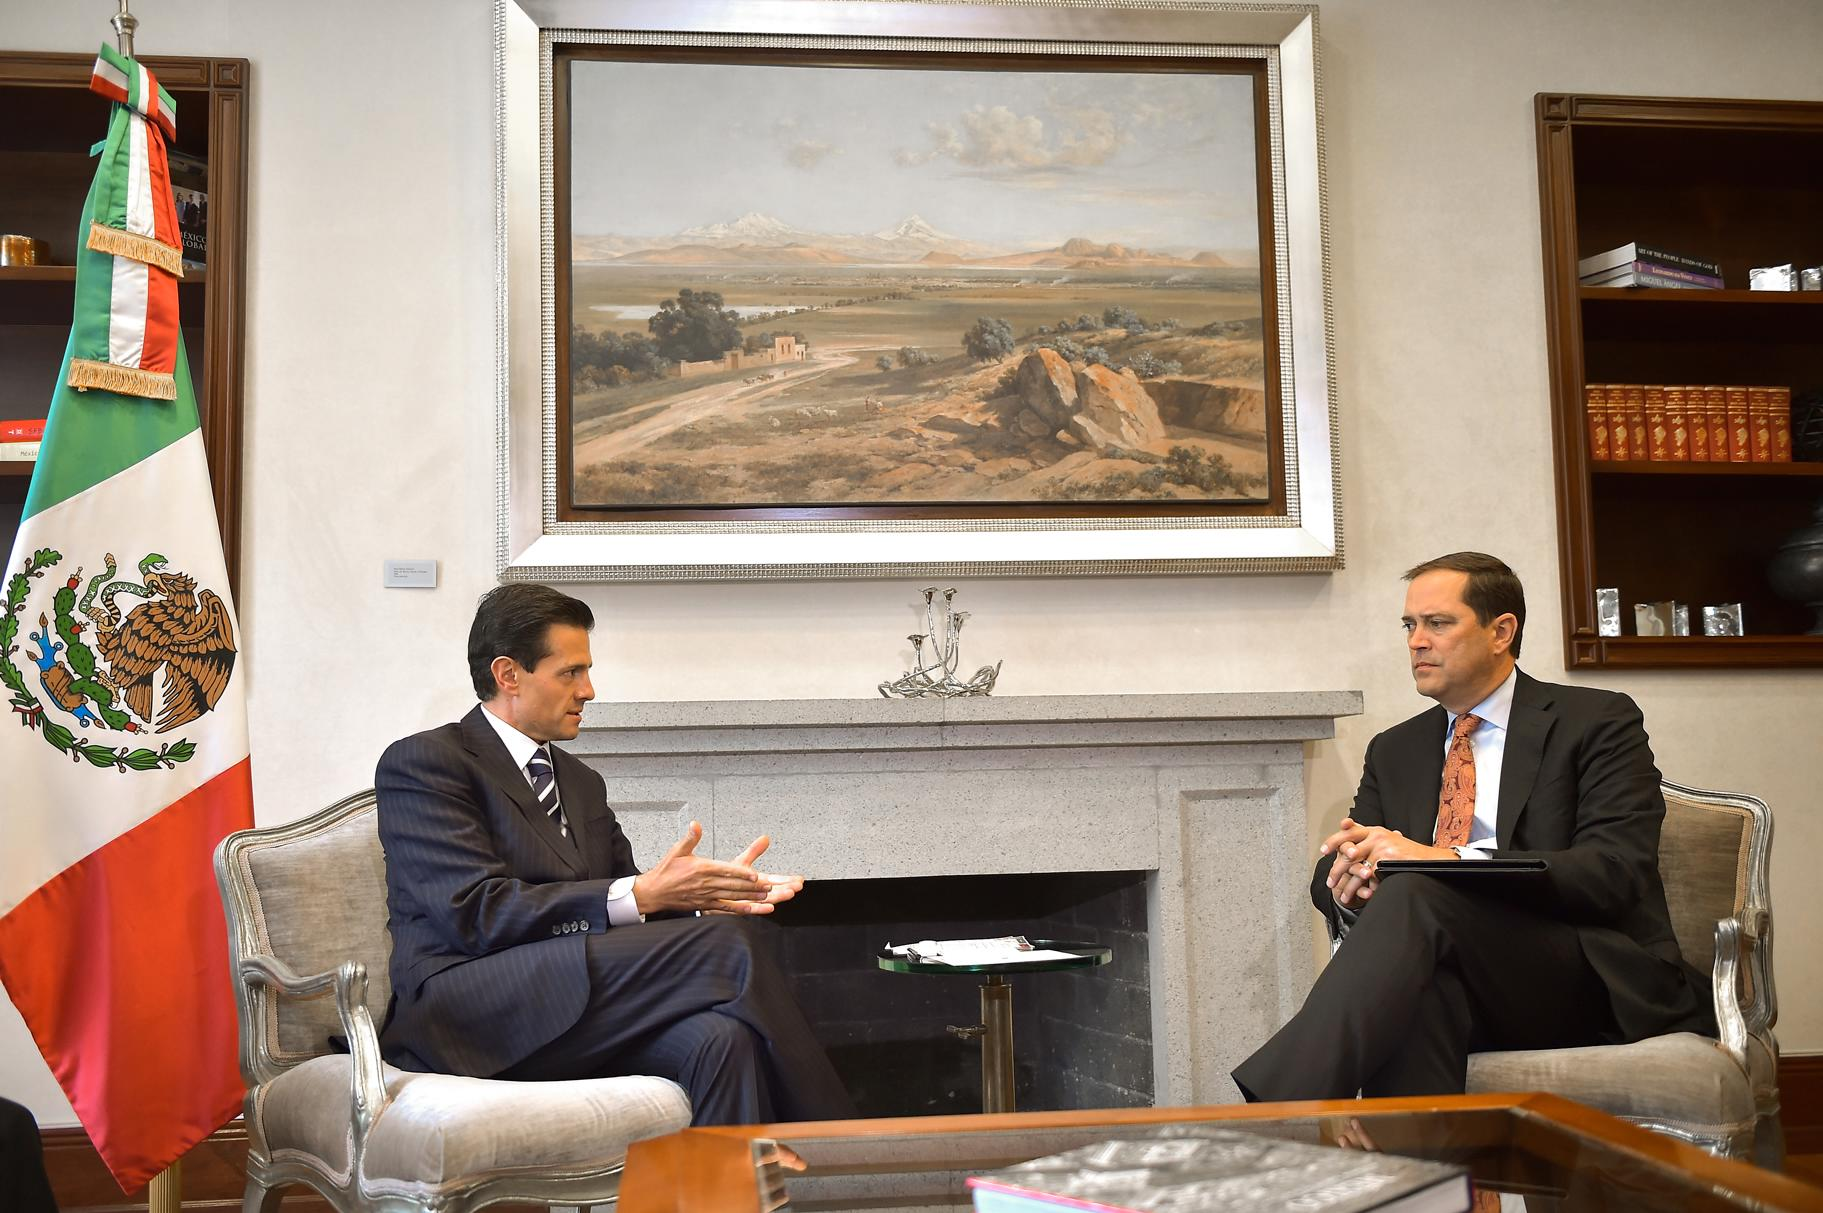 El Primer Mandatario recibió aChuck Robbins, CEO mundial de Cisco Systems, en la Residencia Oficial de Los Pinos.